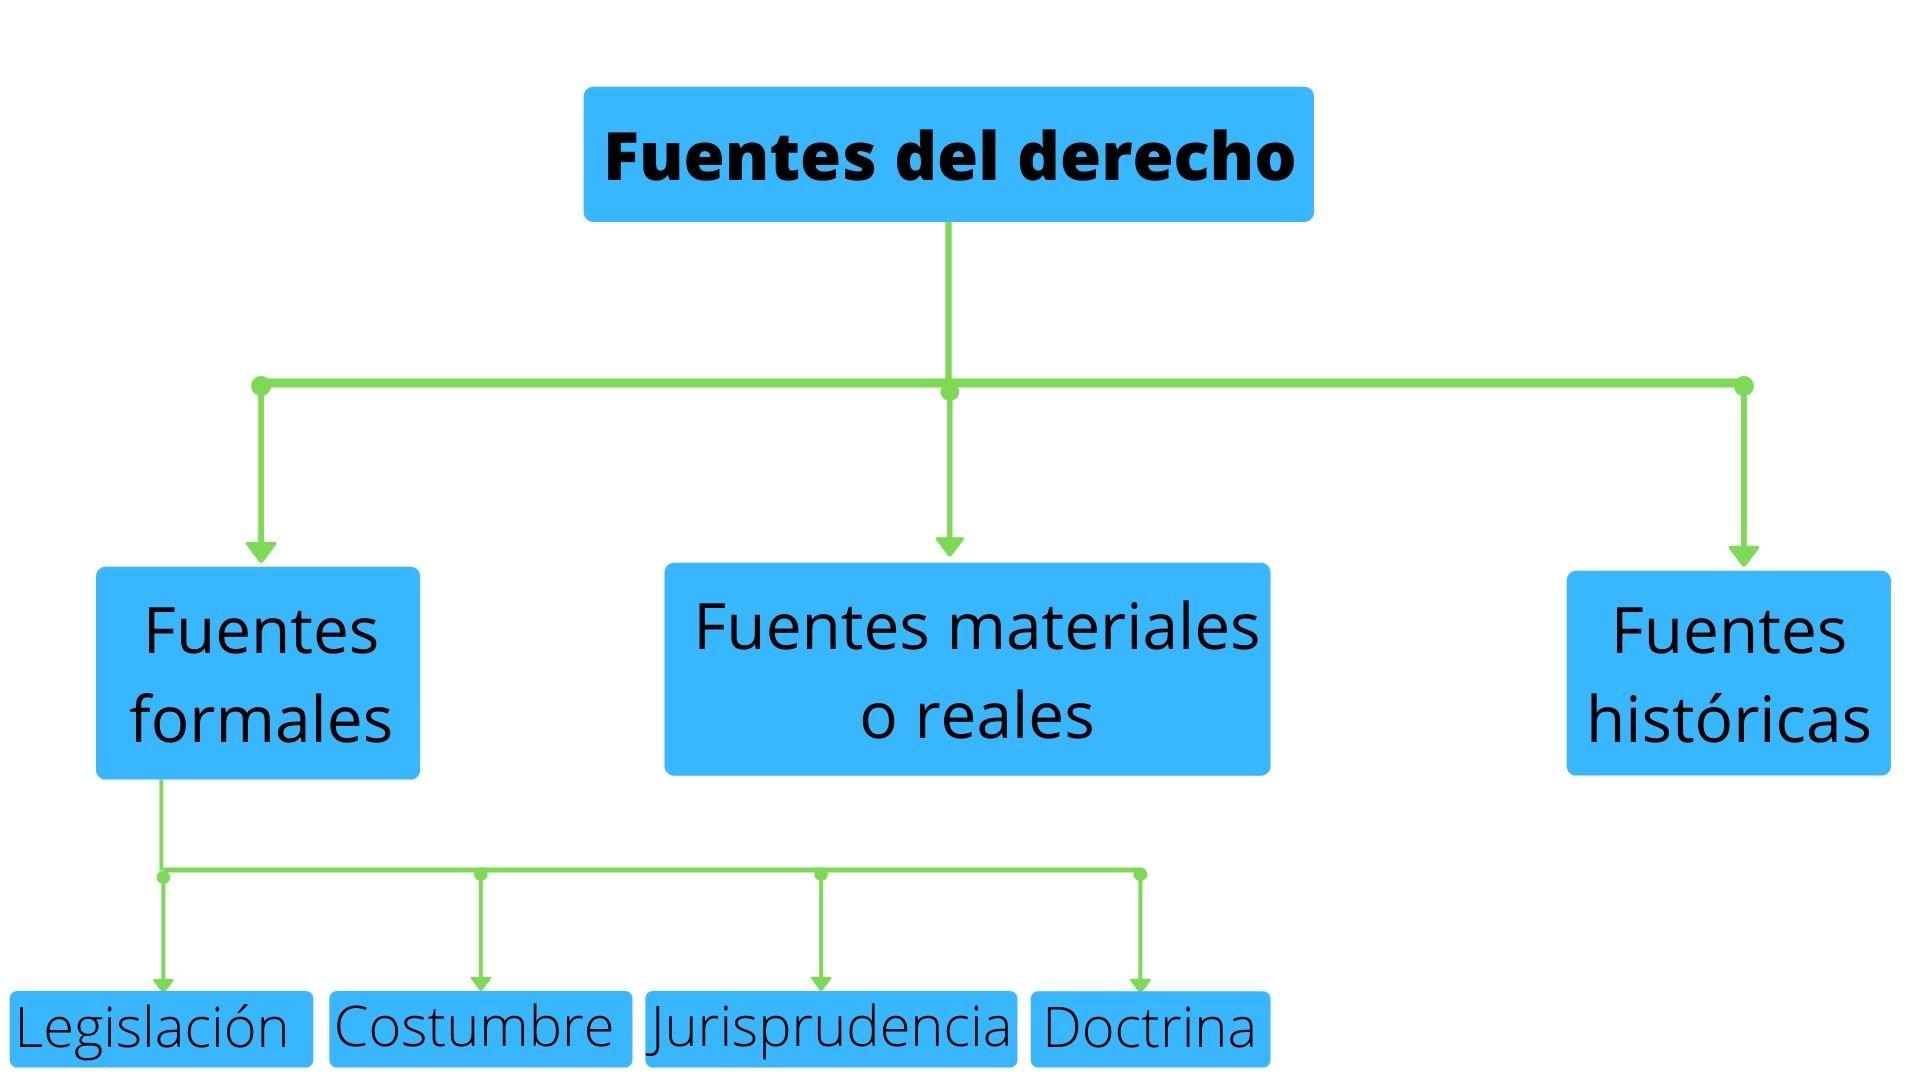 Fuentes del derecho (tradicional)